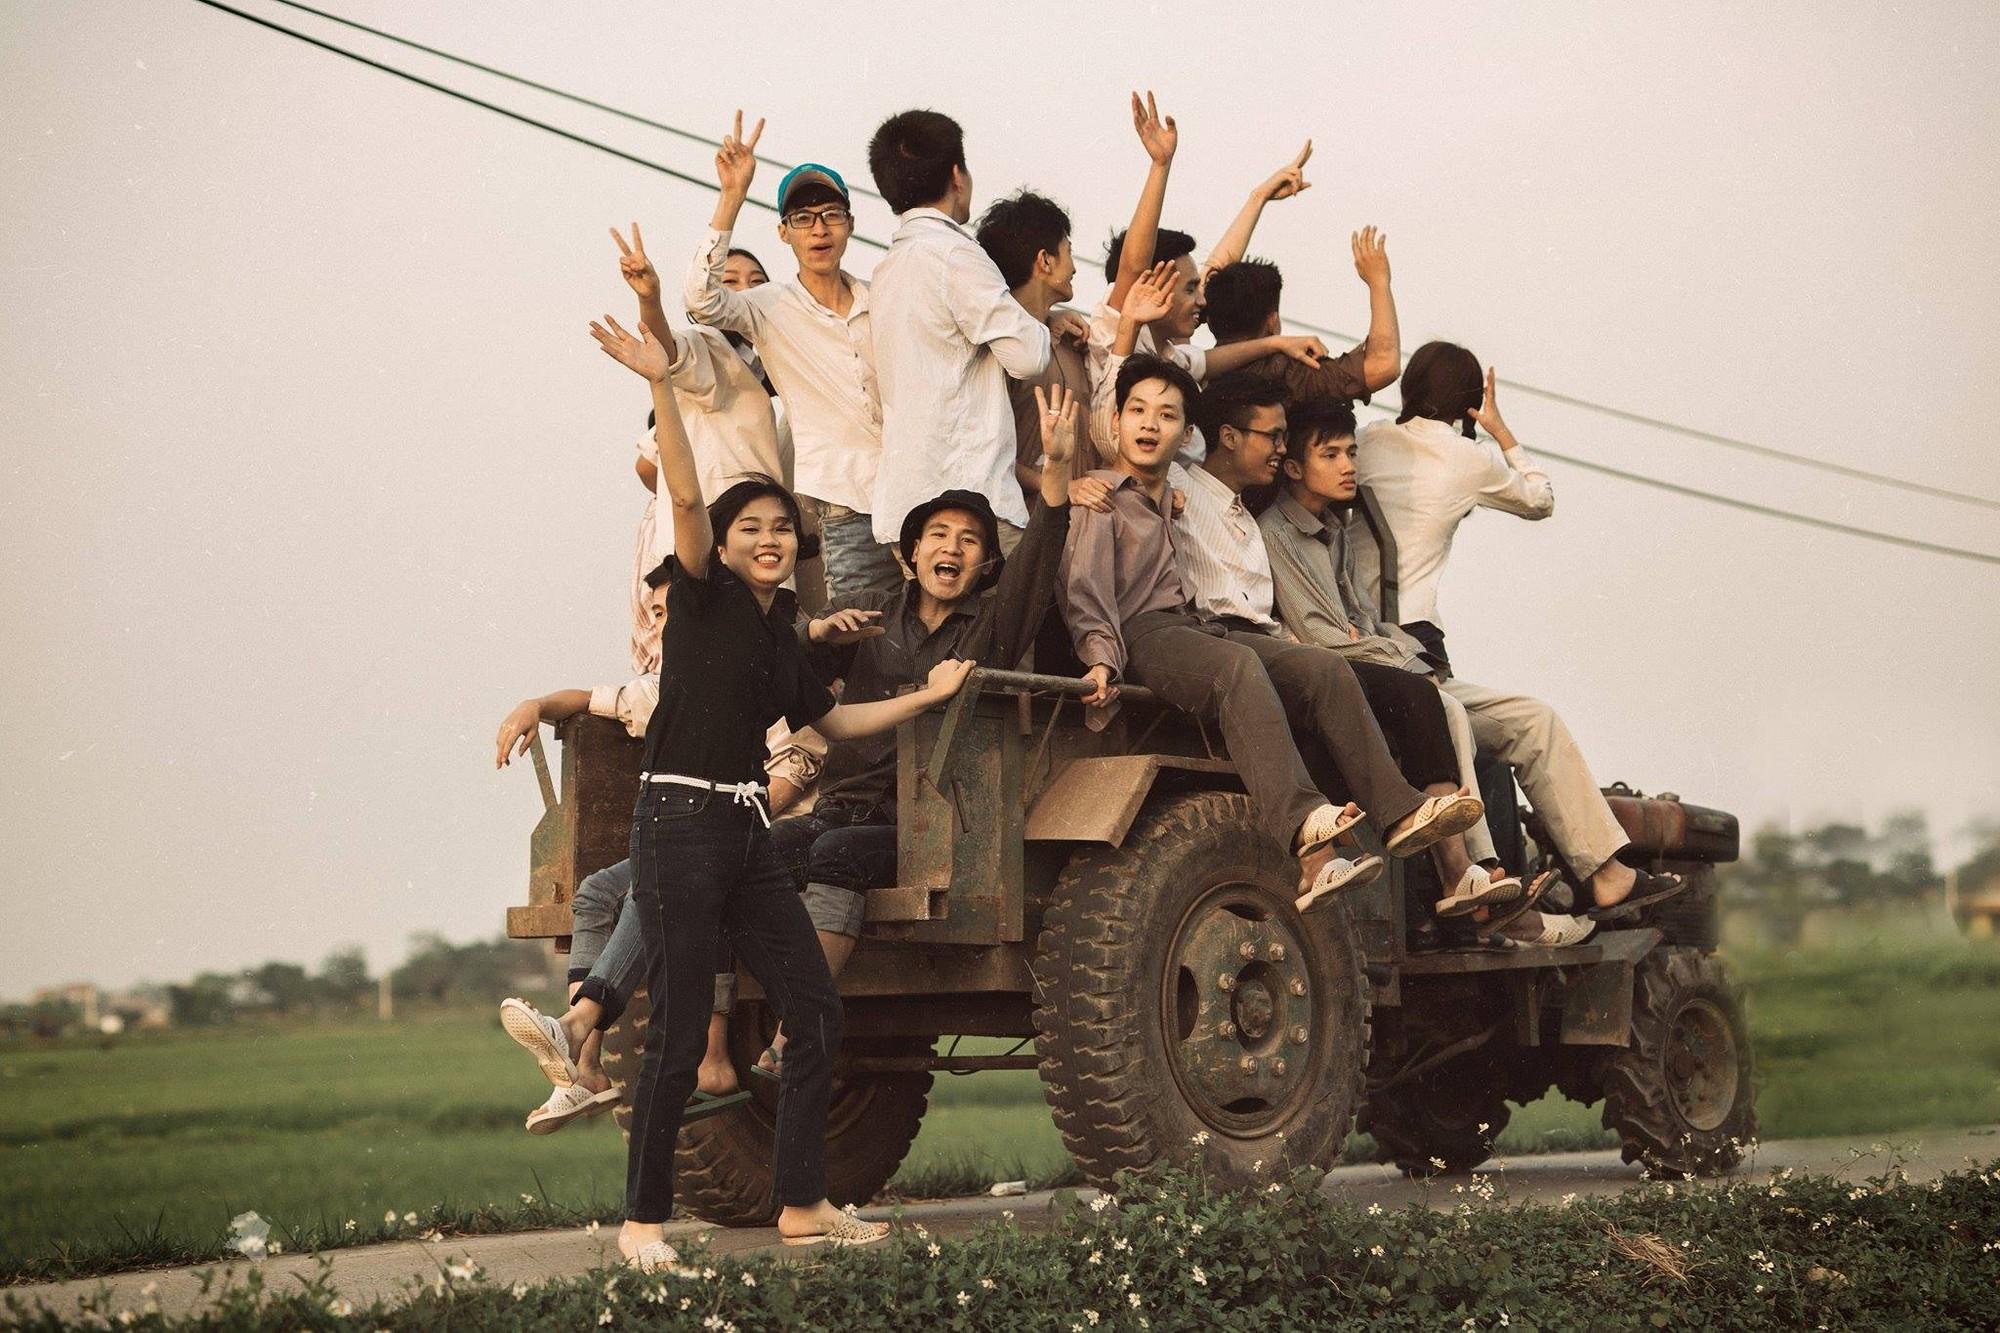 Xem kỷ yếu của nhóm học sinh Ninh Bình mà cứ ngỡ đang thưởng thức phim đi tranh giải Cánh diều vàng - Ảnh 6.